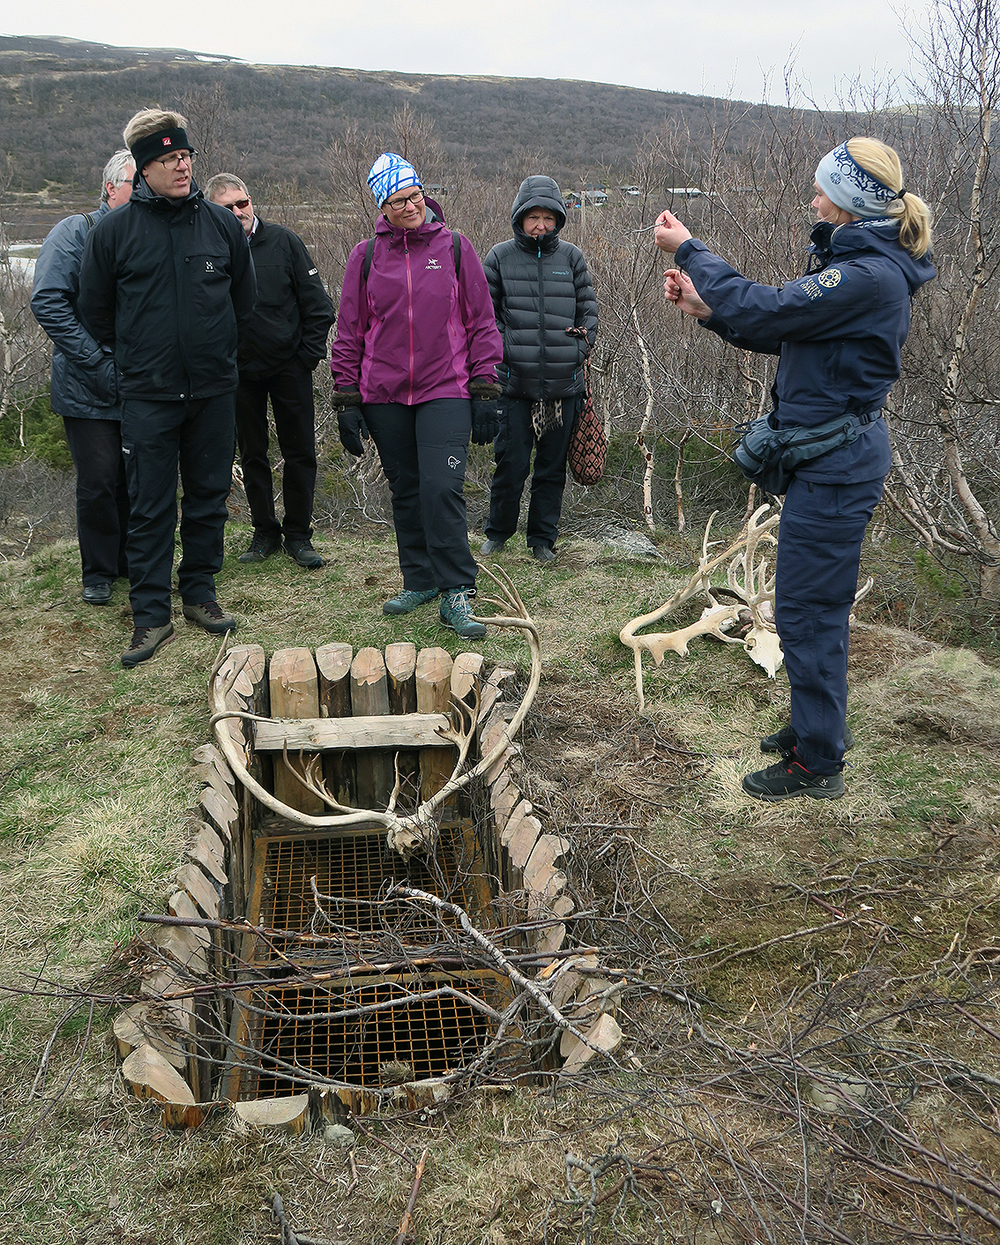 Naturveileder Heidi Ydse, SNO, kan kunsten å holde på tilhørerne. Foto: A. Nyaas